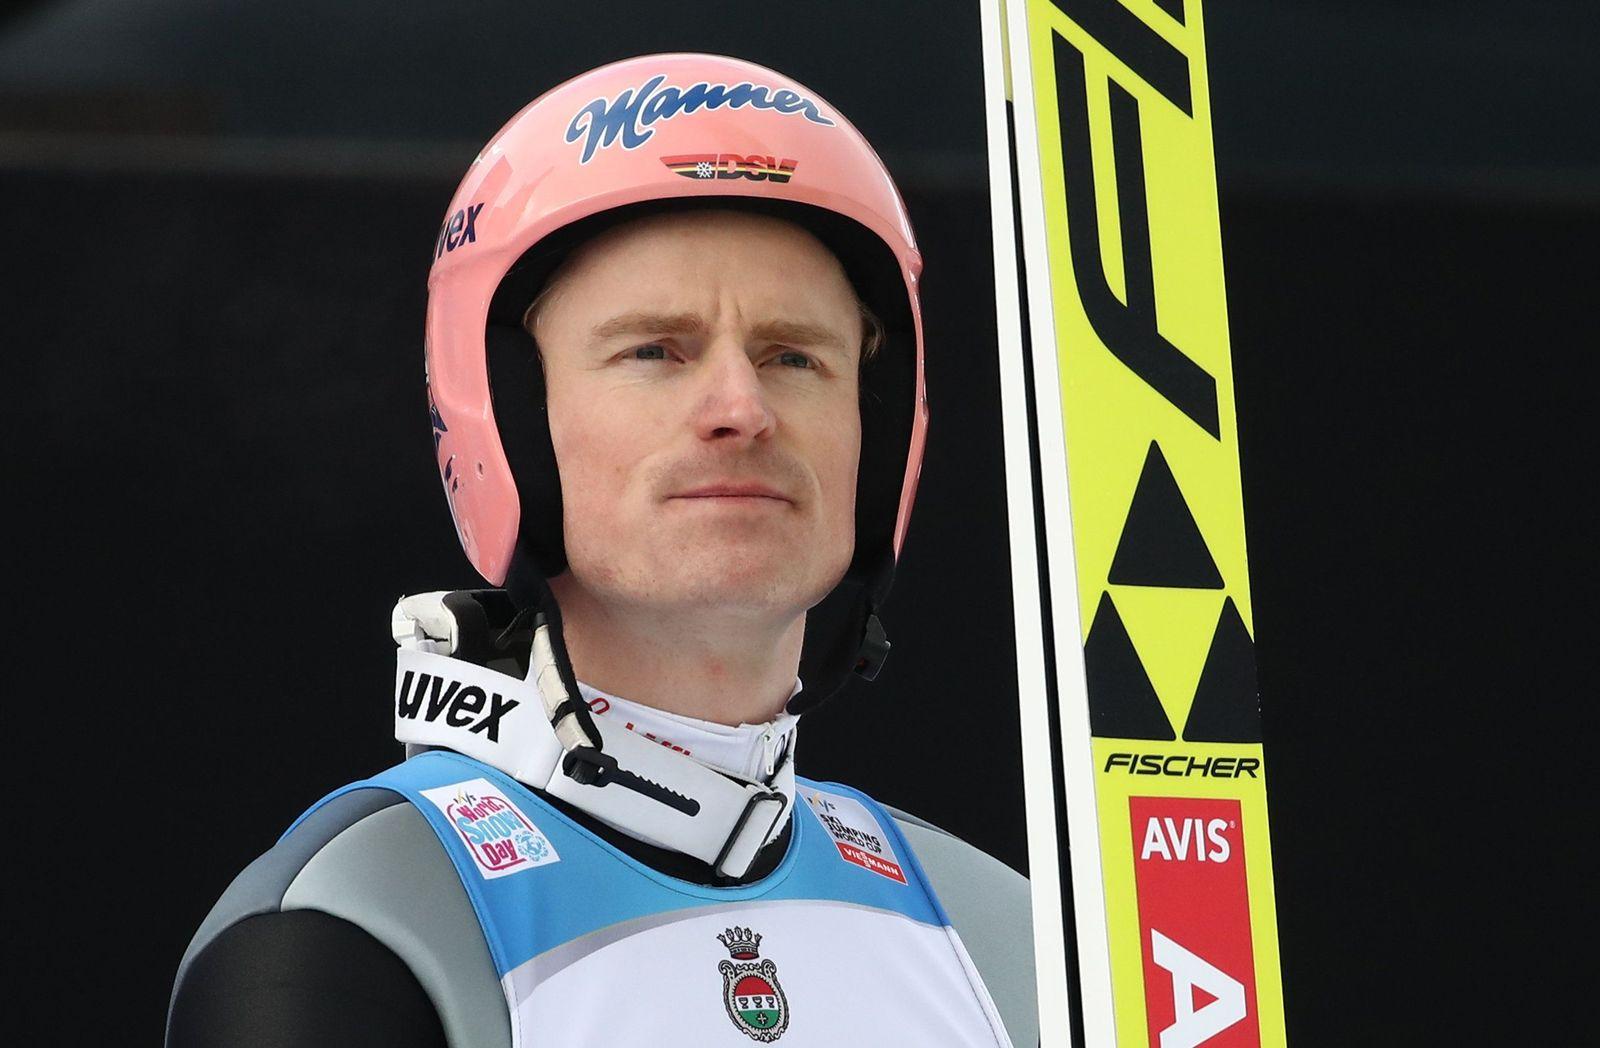 Skispringer Severin Freund